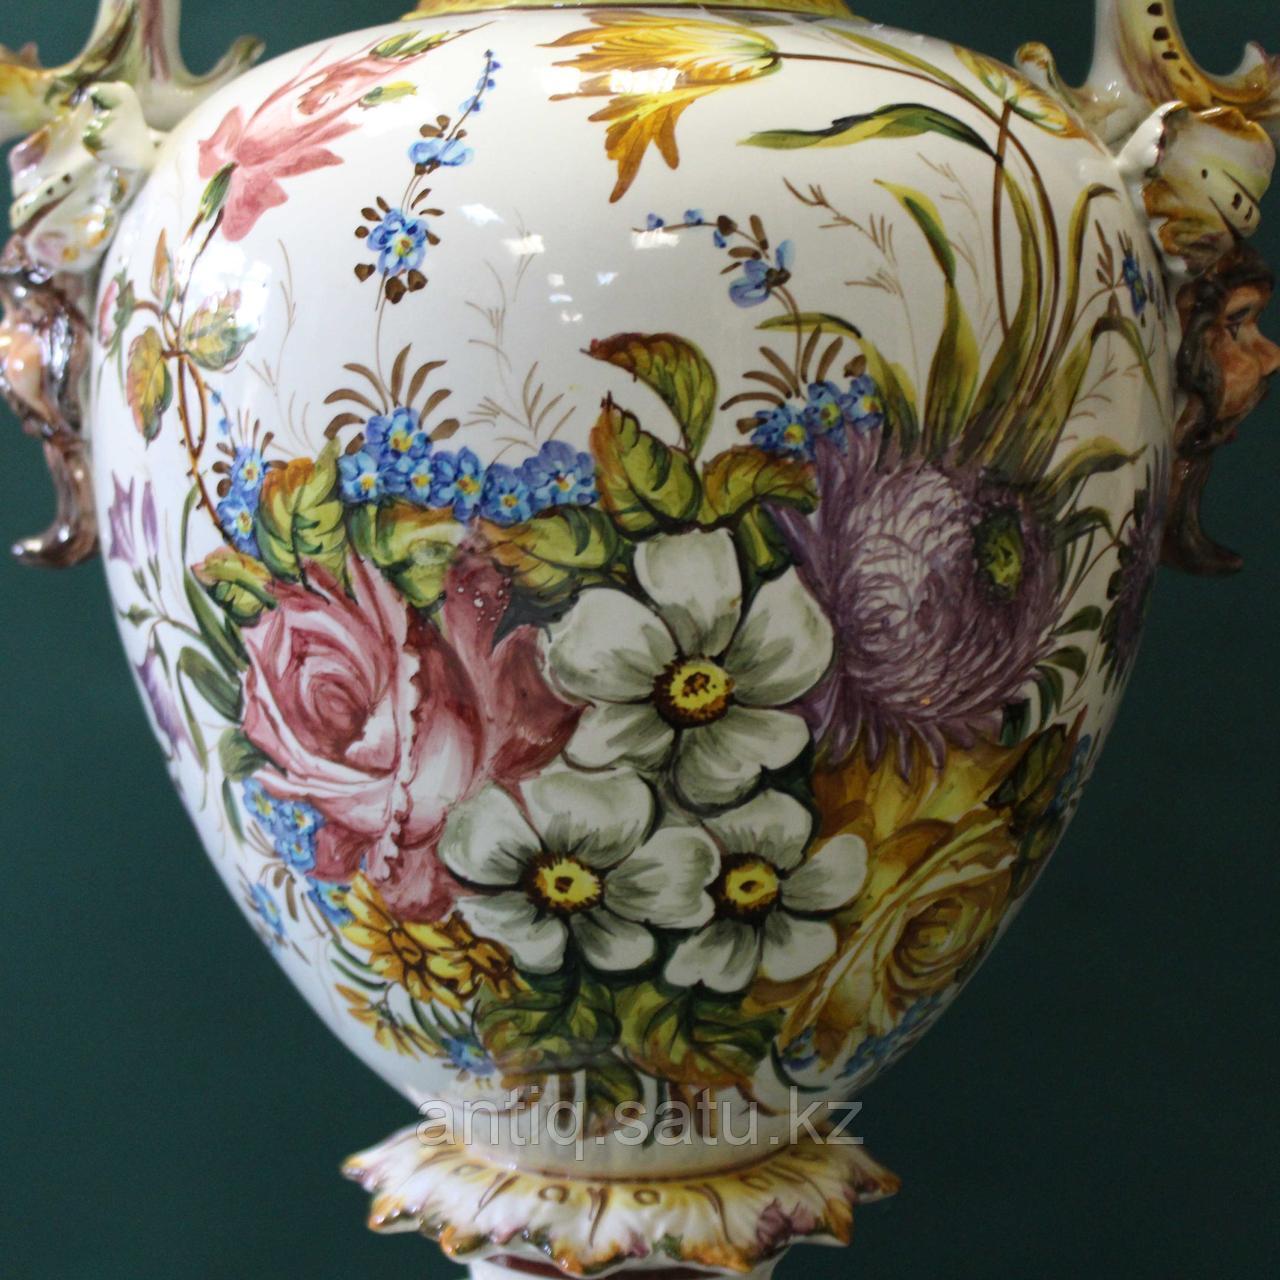 Напольная ваза Carpie Nove. Фарфоровая мануфактура Carpie Nove / Capodimonte - фото 6